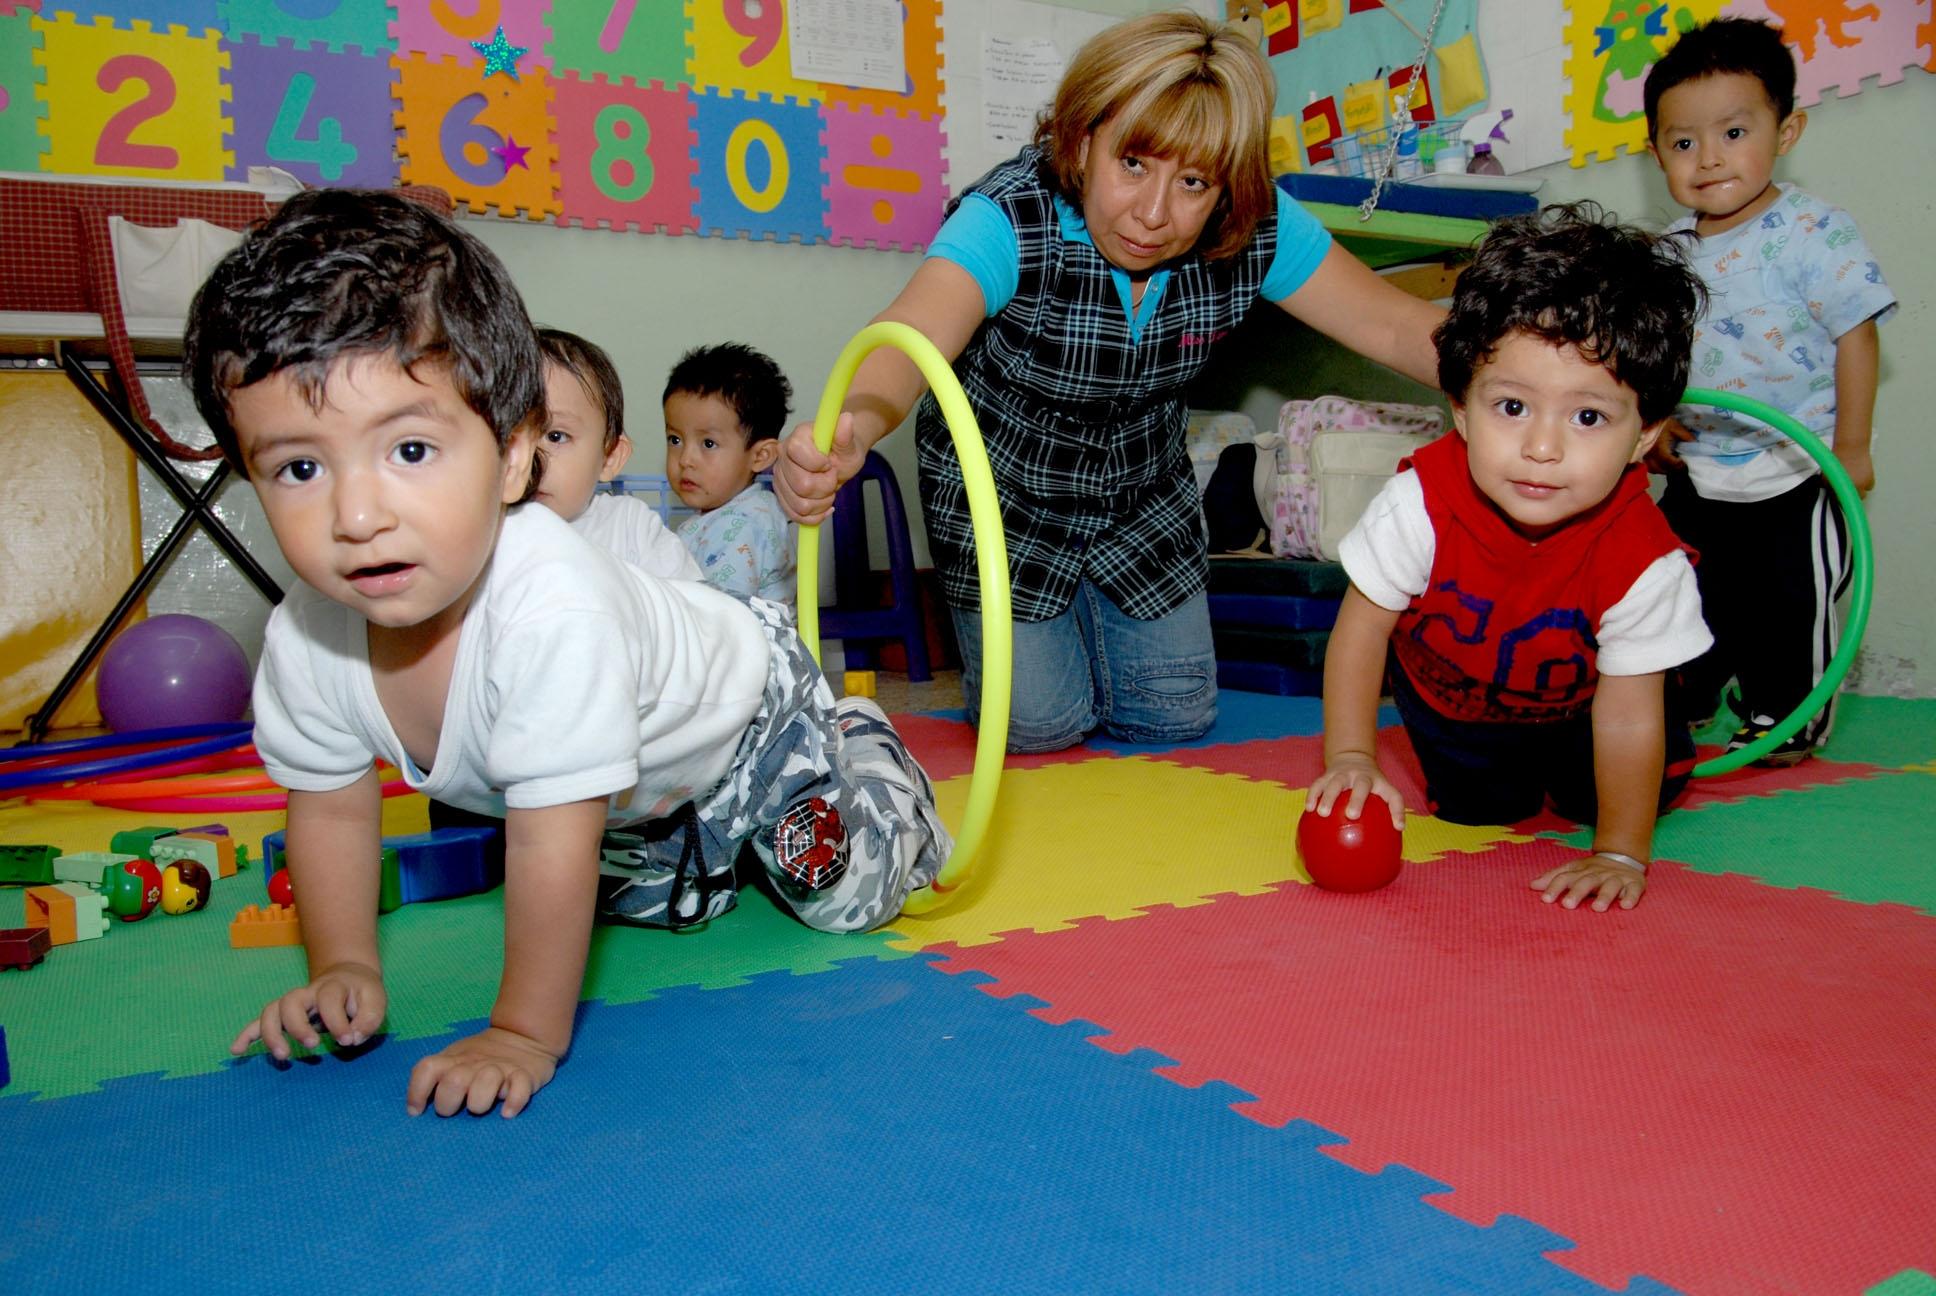 Estancias infantiles de Veracruz interponen amparo colectivo contra la suspensión de subsidios